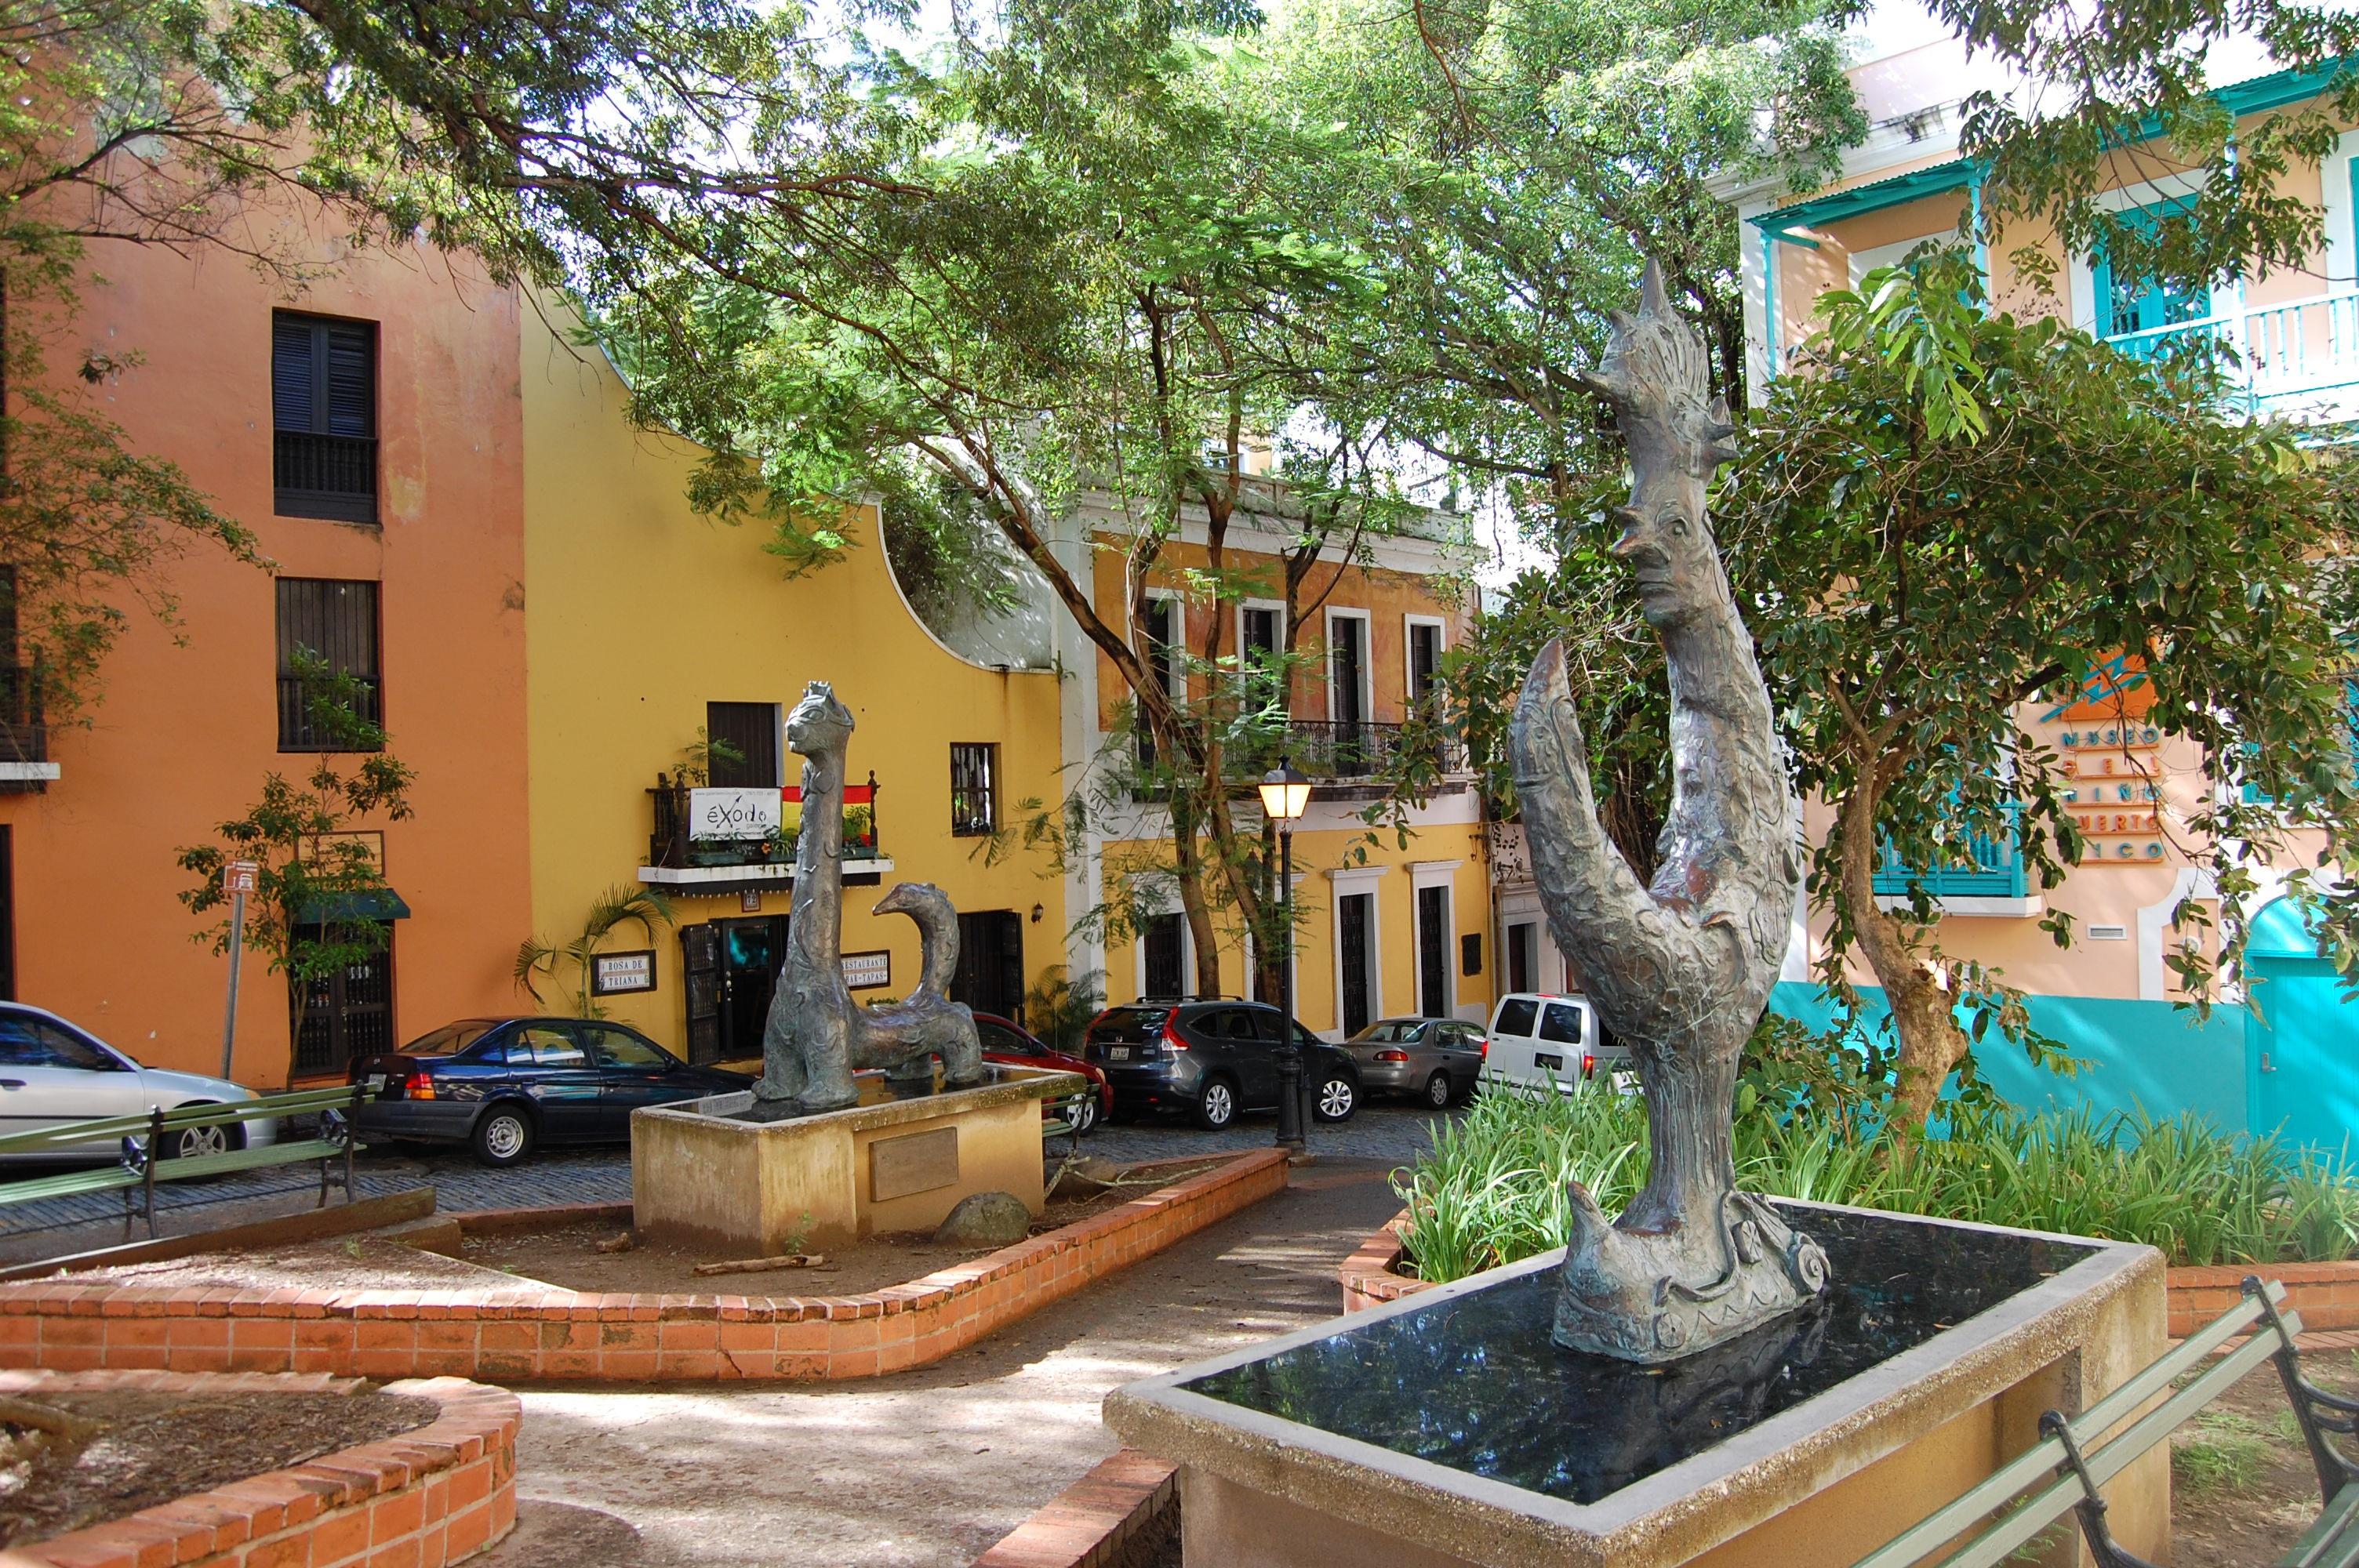 Fotos gratis rbol arquitectura edificio antiguo casa viajar patio interior propiedad - Ley propiedad horizontal patio interior ...